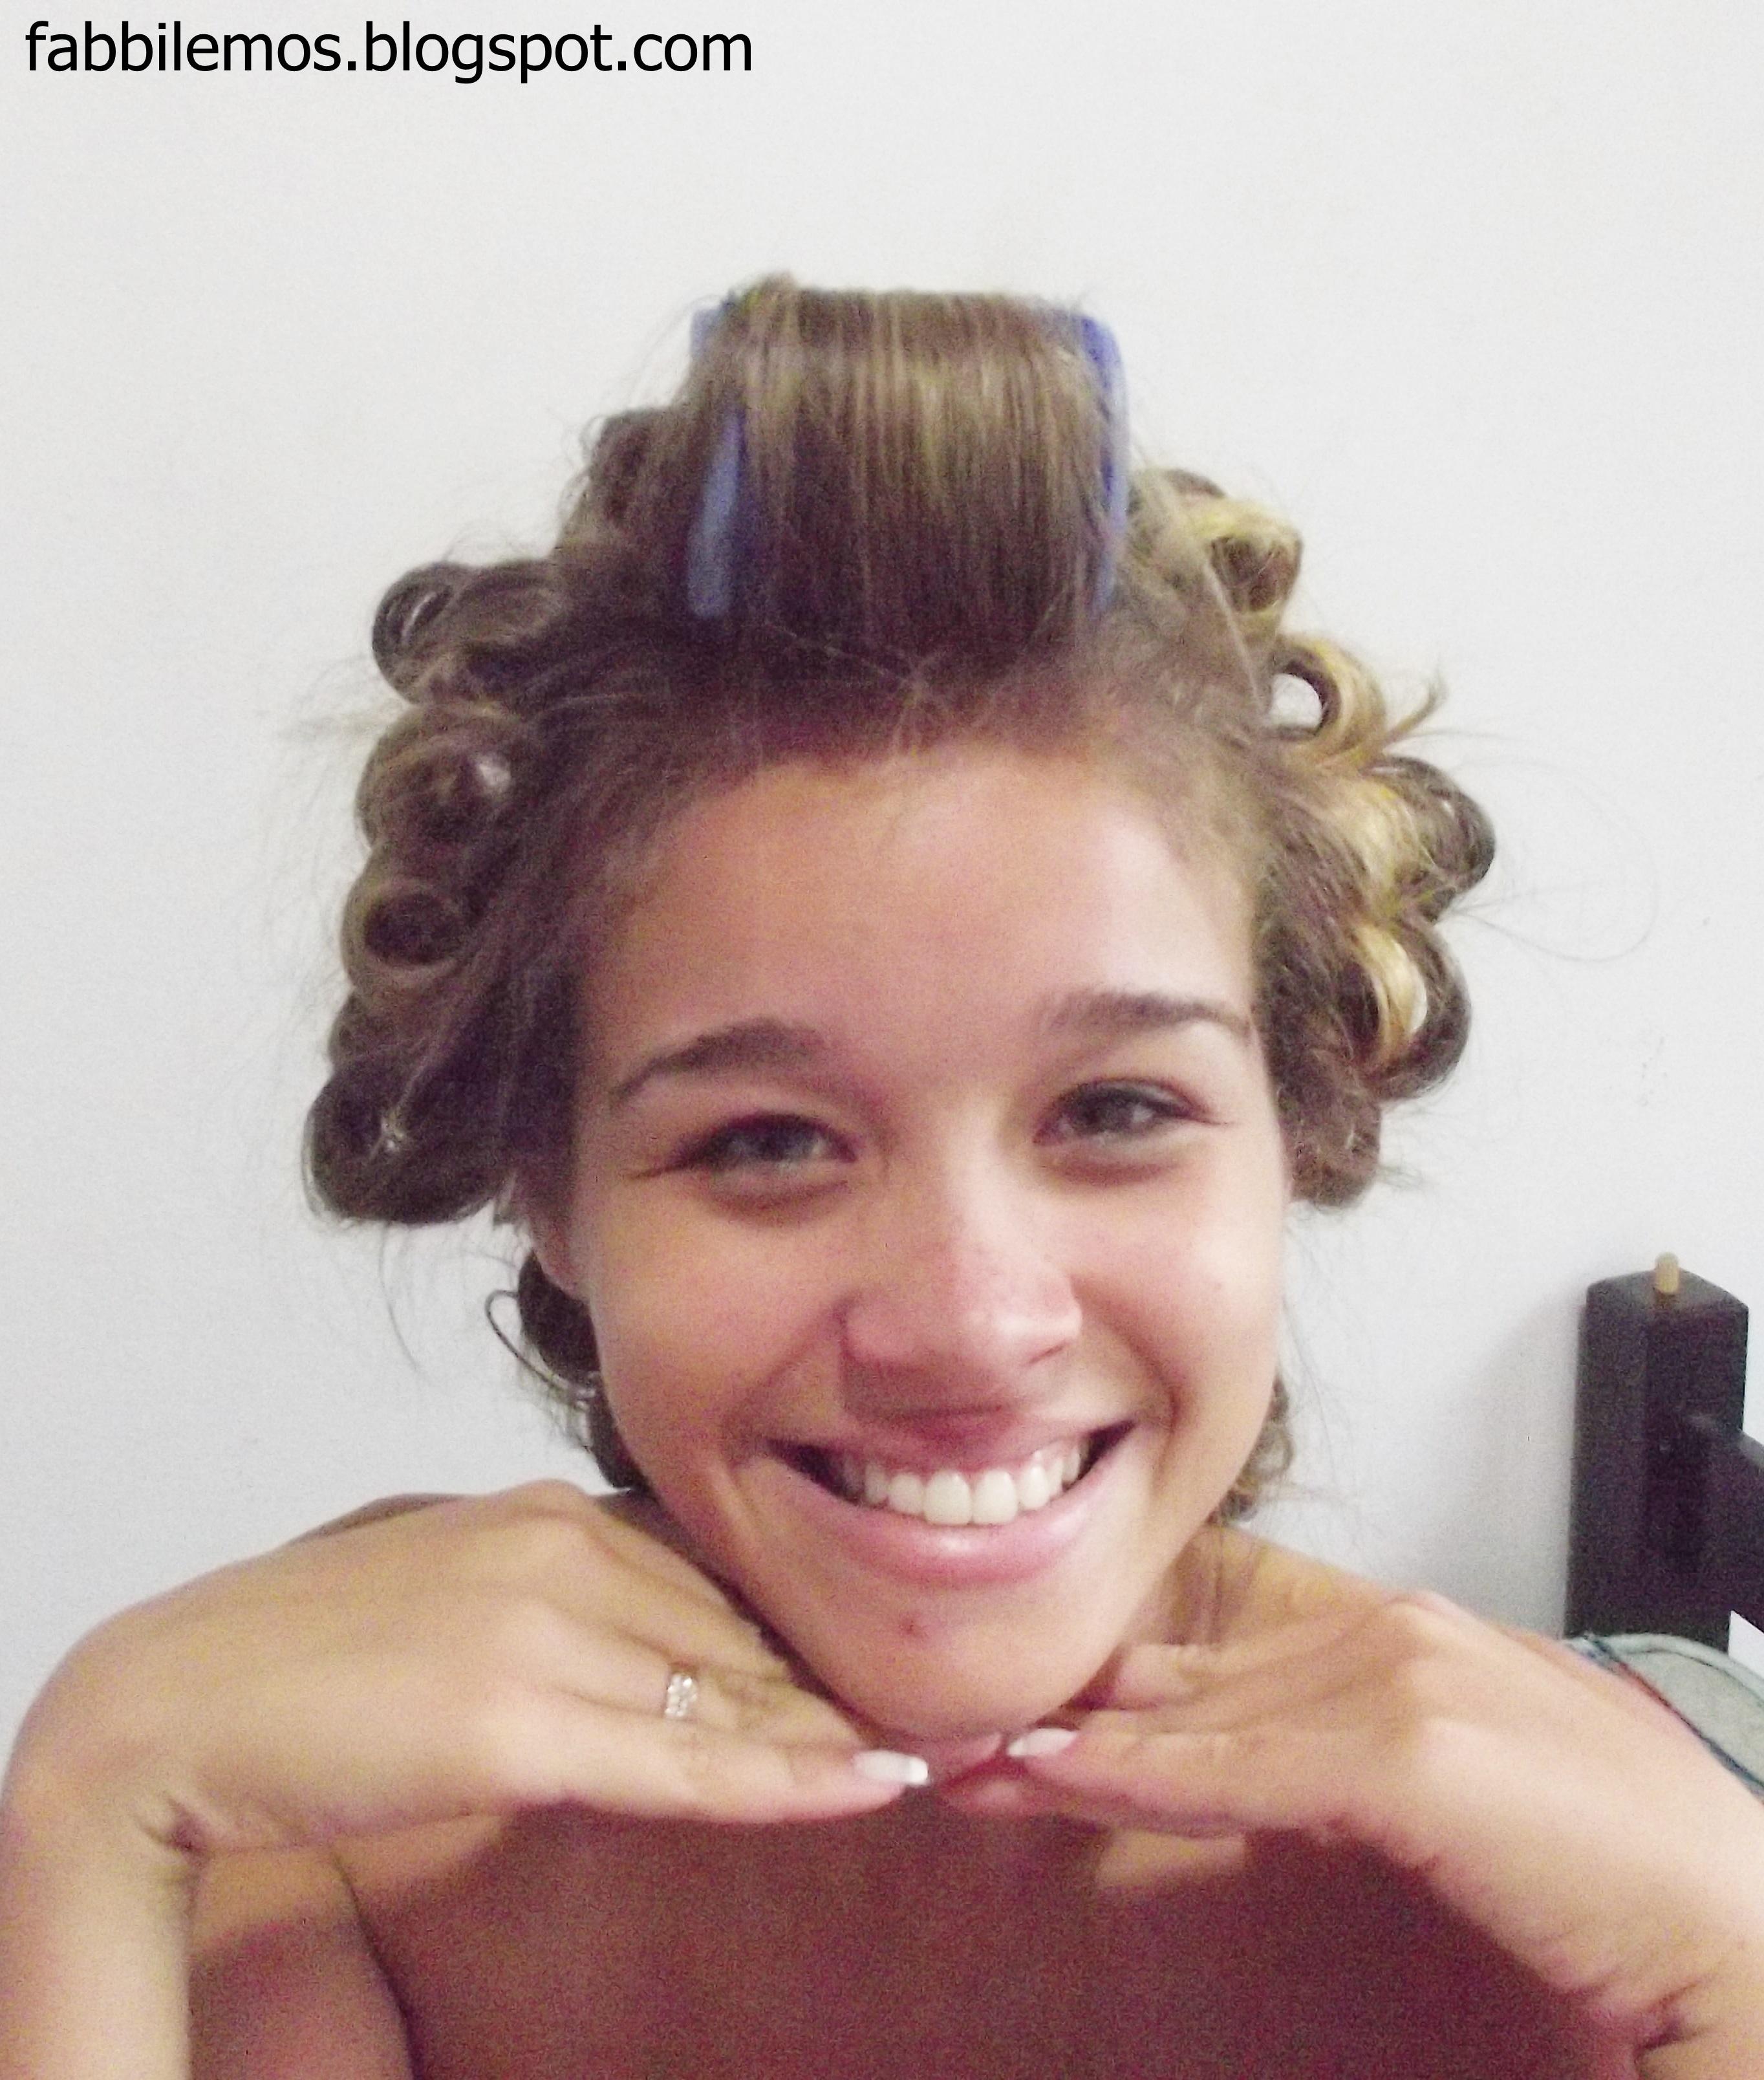 Miss Maricá 2013 Antes de uma das candidatas do miss Maricá 2013. maquiador(a) docente / professor(a) designer de sobrancelhas manicure e pedicure esteticista